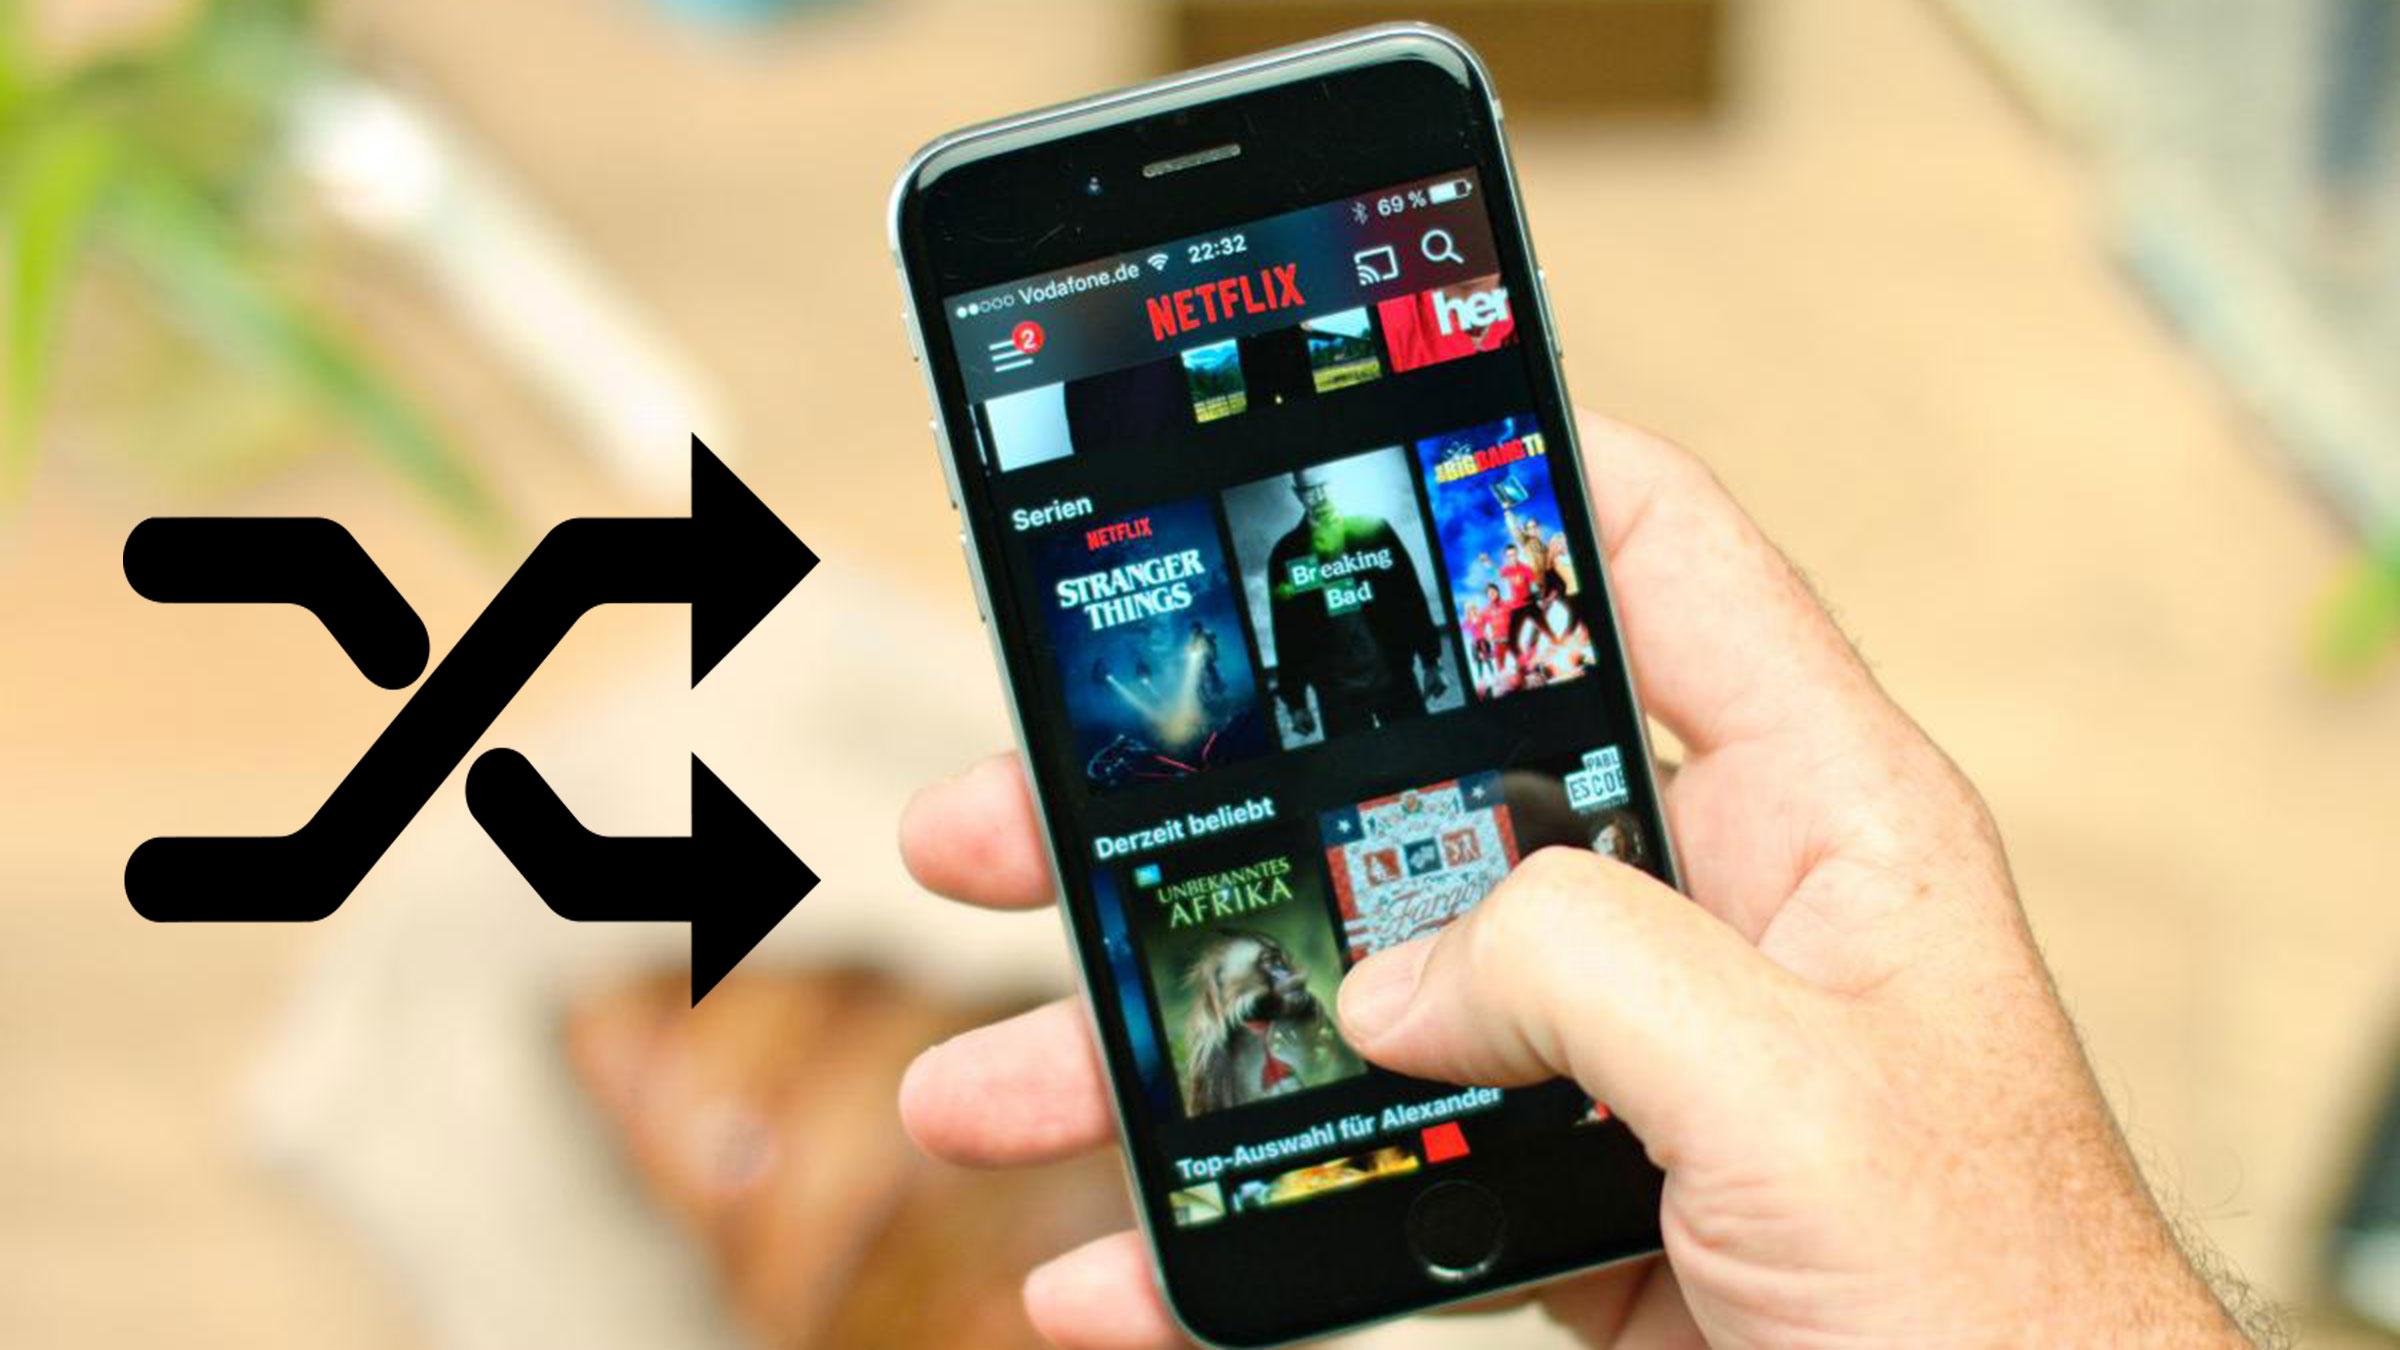 ¡No pierdas más tiempo! Netflix incorpora la función de reproducción aleatoria